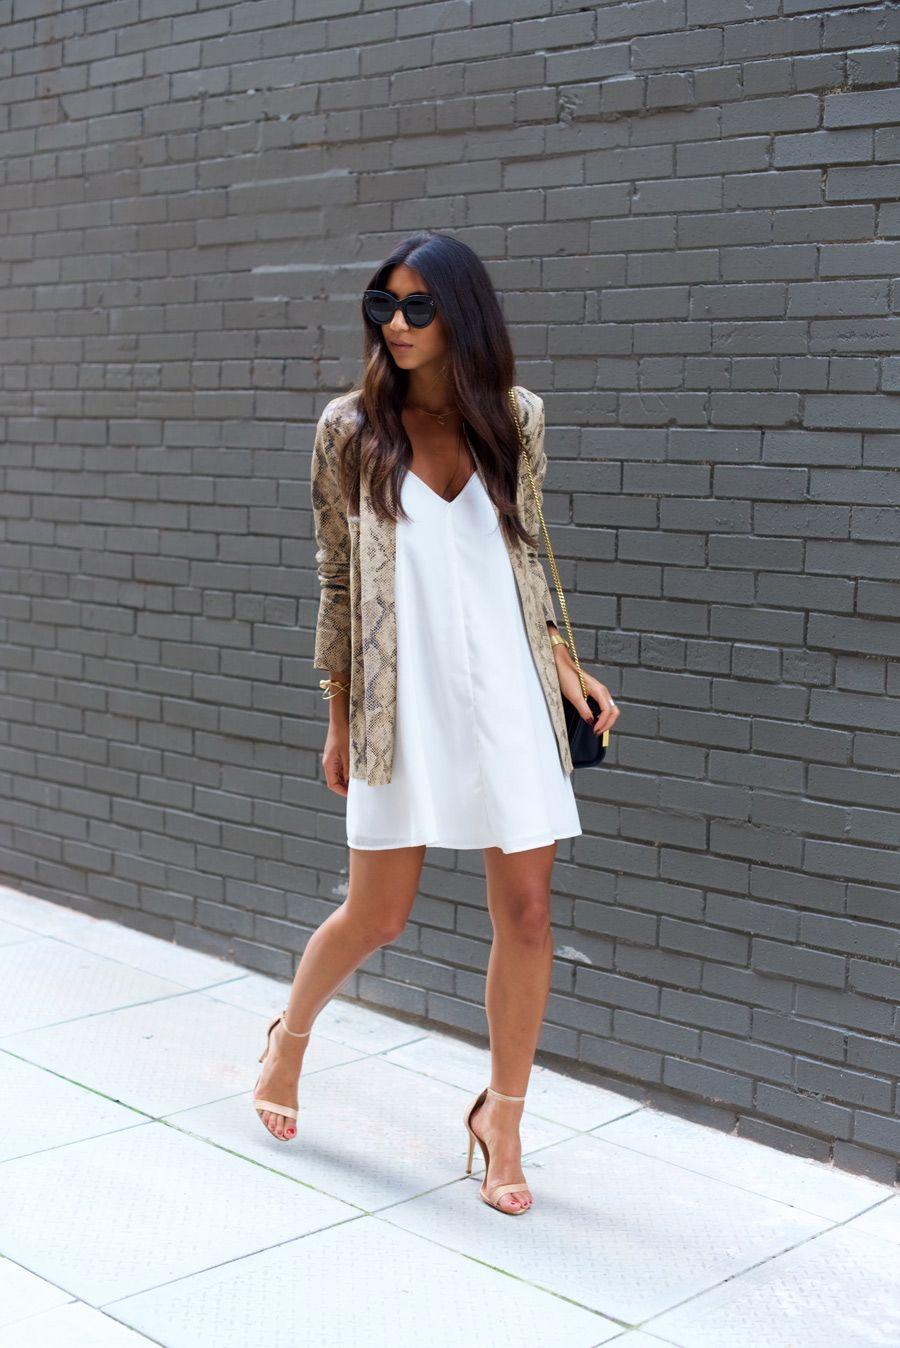 vestido soltinho e sandália de tiras